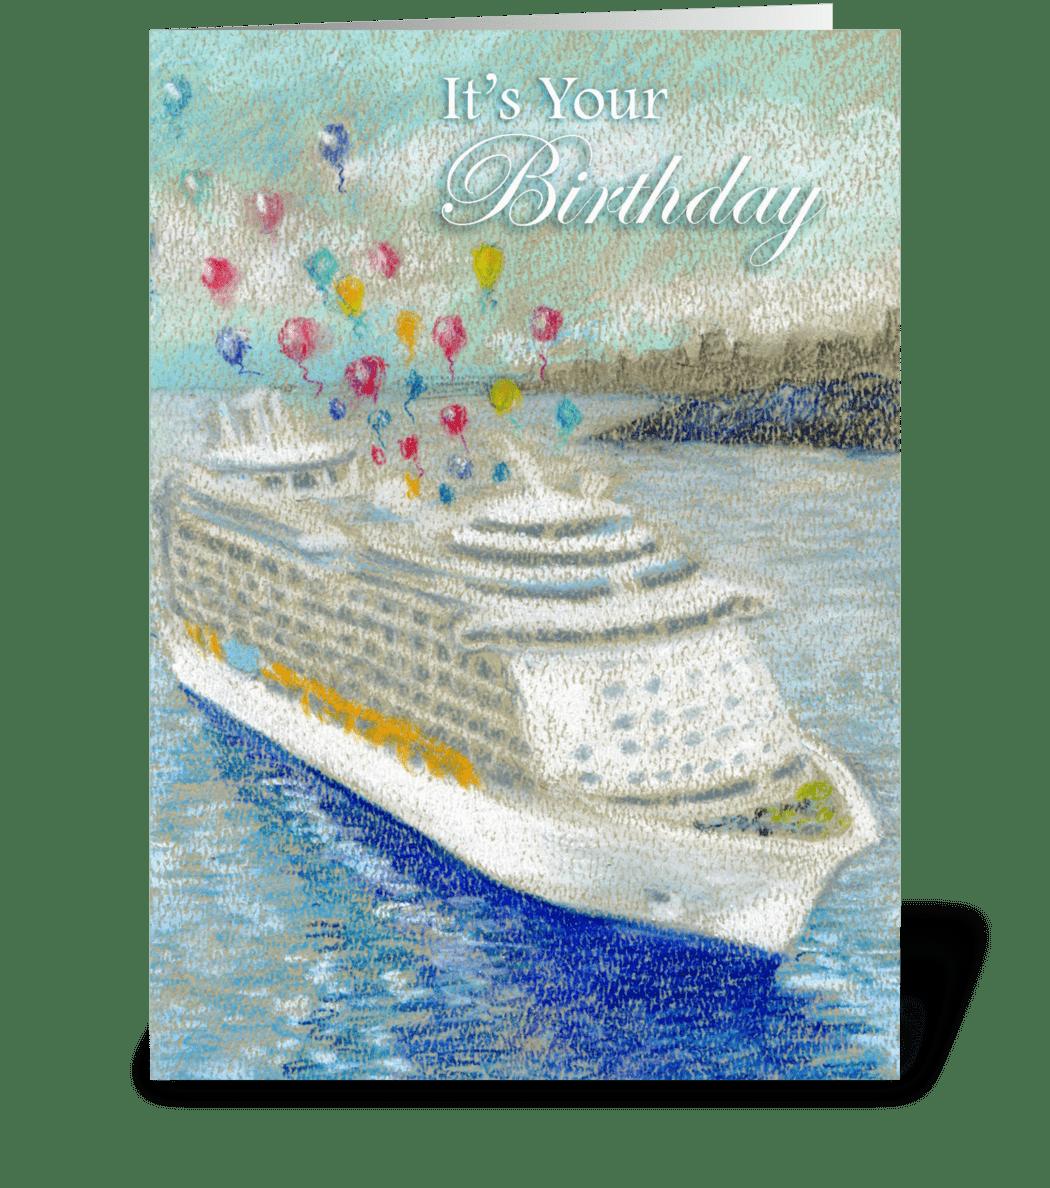 Cruise Ship & Ballons Birthday